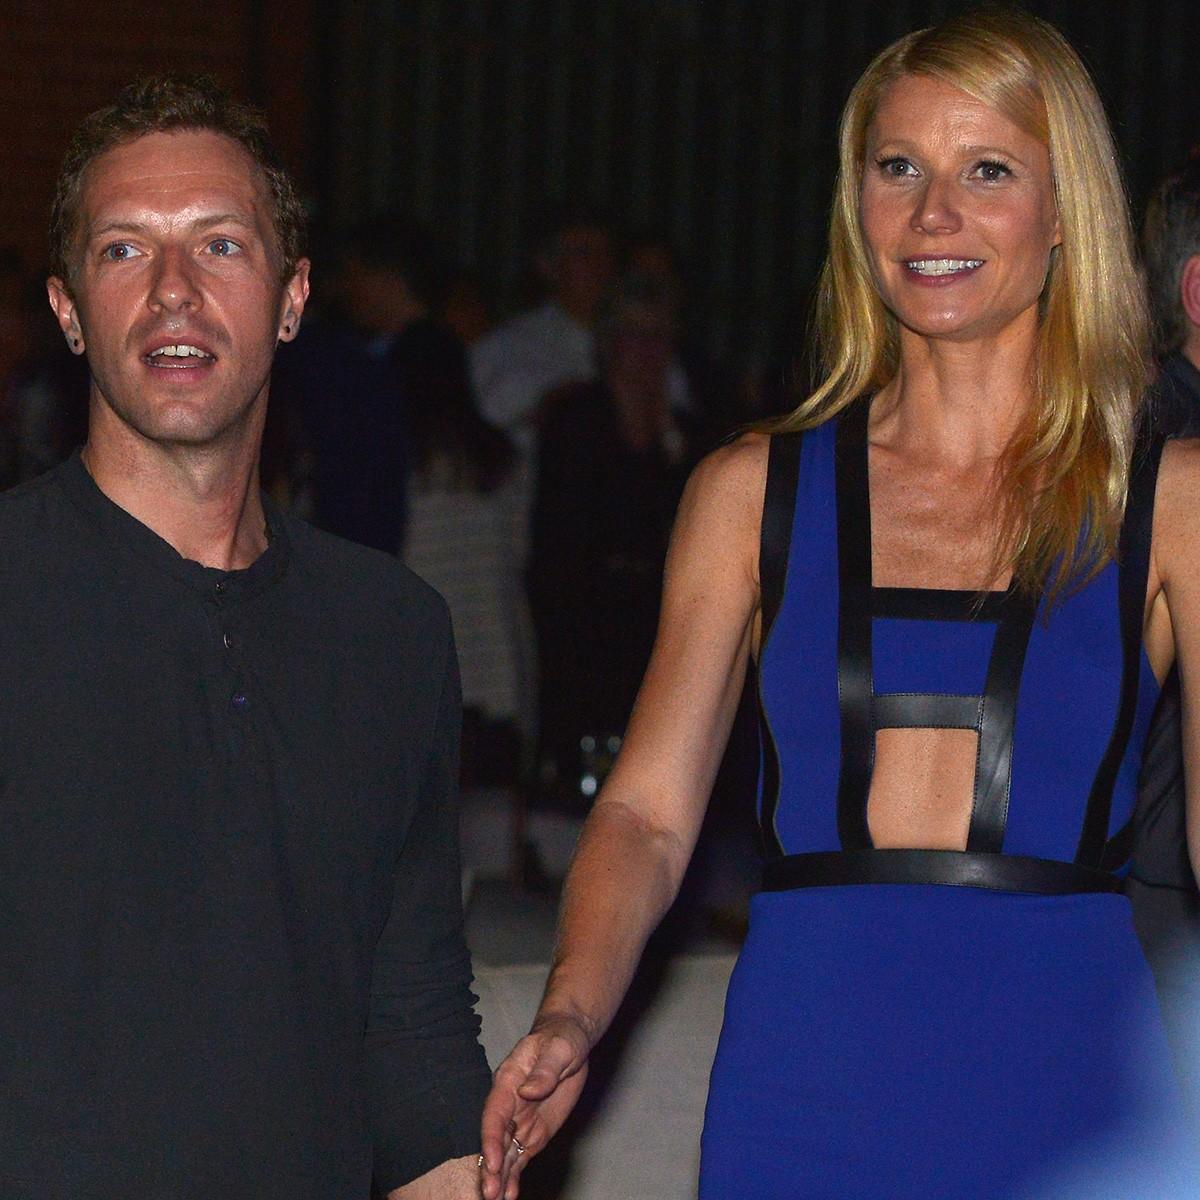 Gwyneth Paltrow e Chris Martin escolheram um nome bíblico para Moses (Moisés) e um nome pra lá de exótico para Apple (Maçã) (Foto: Getty Images)